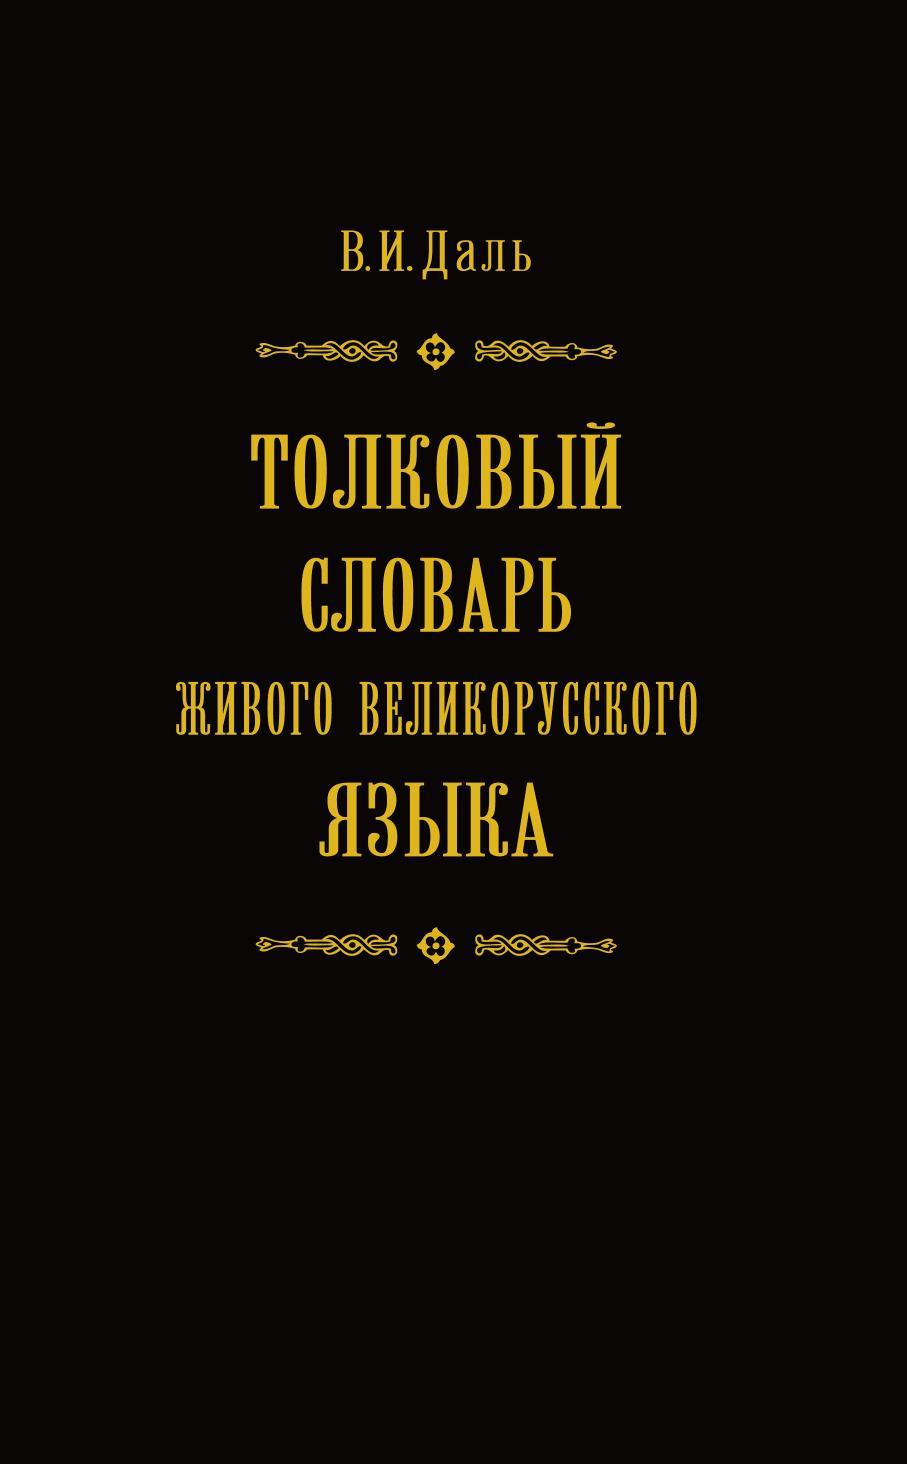 Владимир Иванович Даль Толковый словарь живого великорусского языка в 4 томах. Том 2 цена